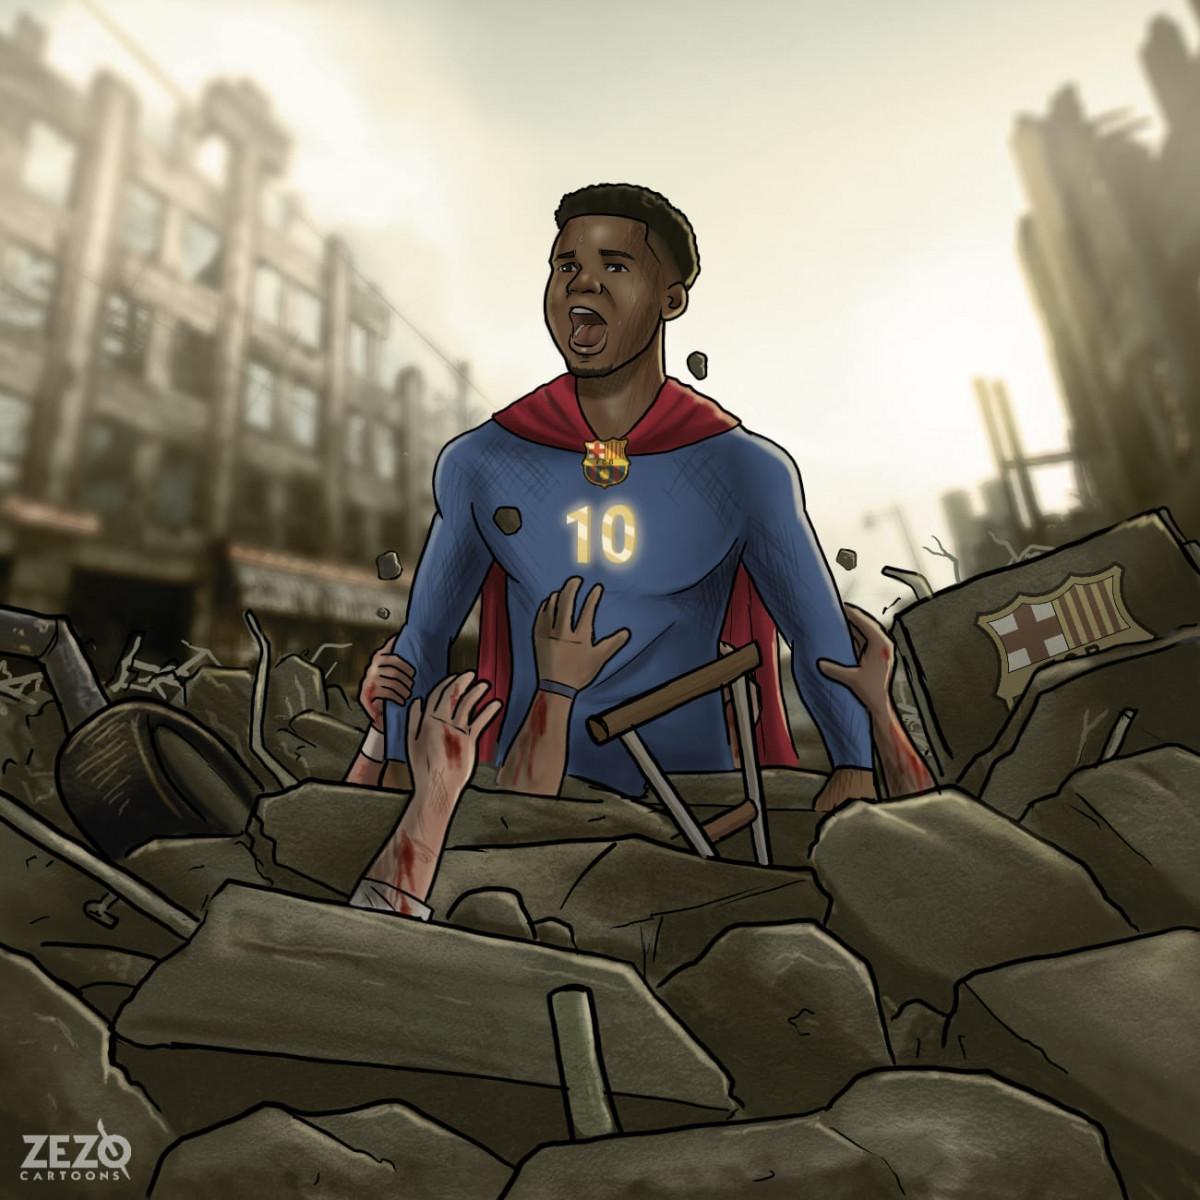 Ansu Fati trở lại mạnh mẽ sau chấn thương. (Ảnh: Zezo Cartoons).